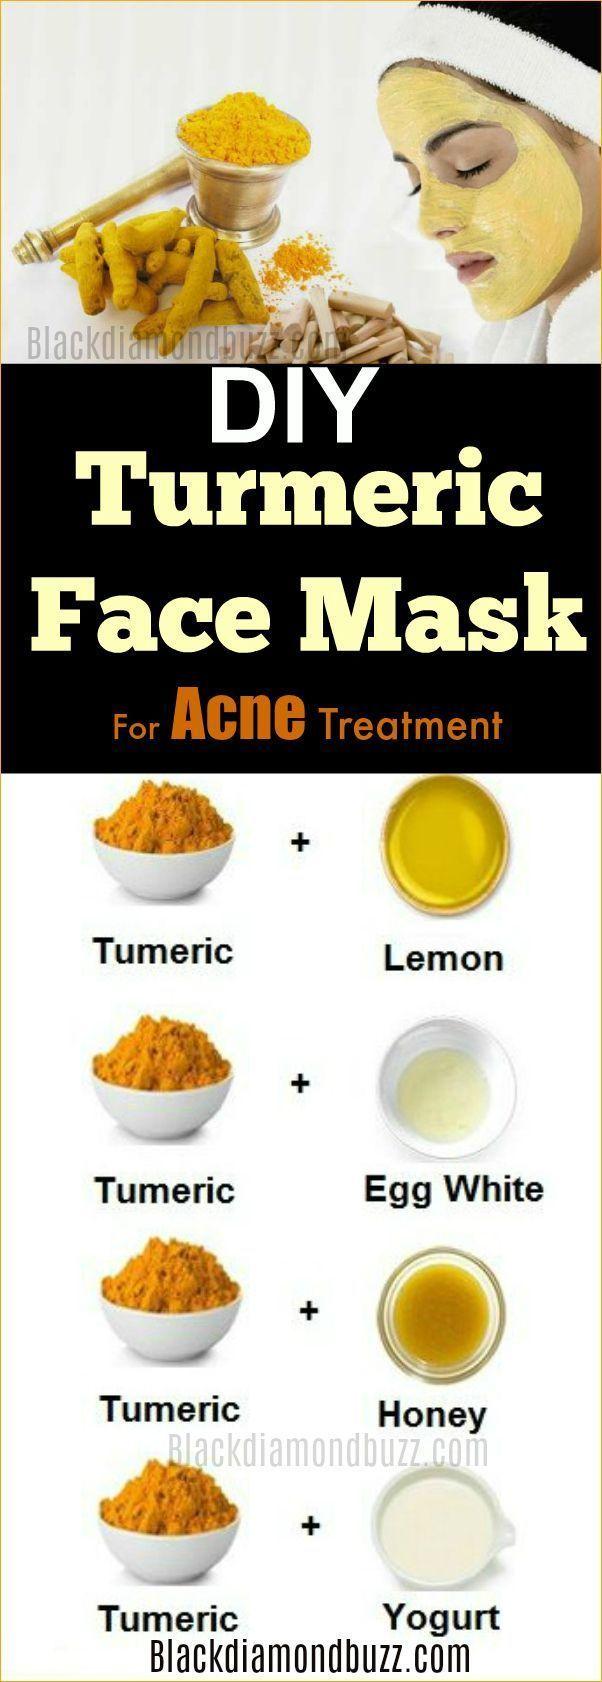 DIY Turmeric Face Mask For Acne Treatment, Dark Spots